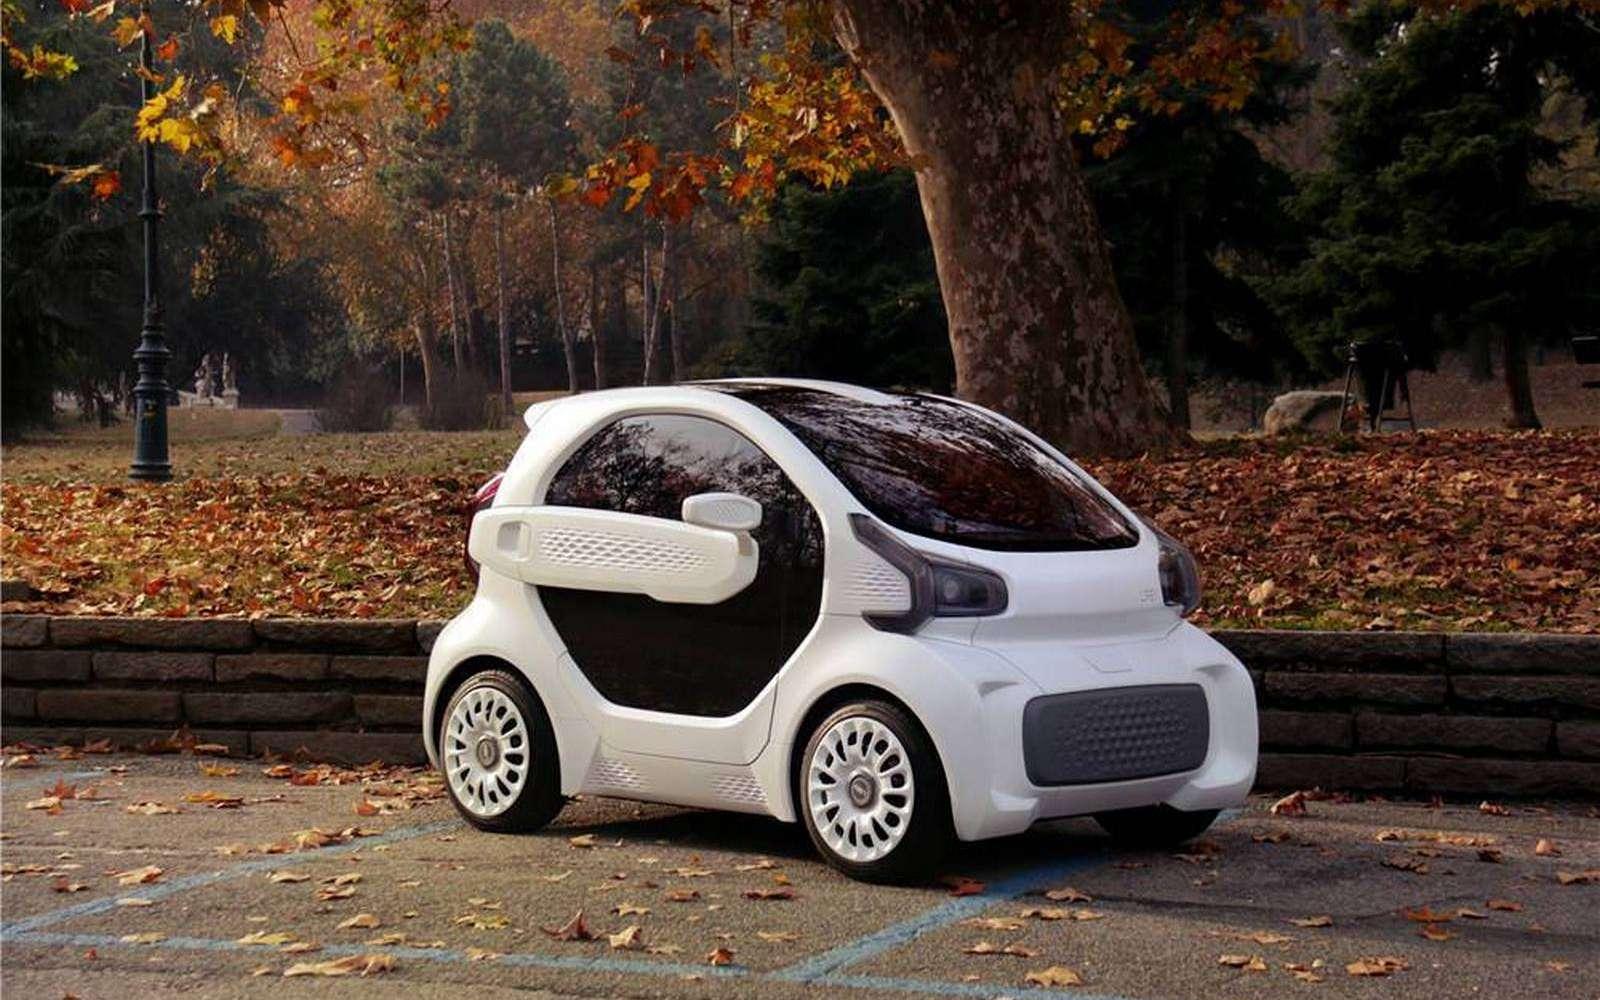 Voici le prototype de la LM3D Swim qui ambitionne de devenir la première voiture de série imprimée en 3D. © Local Motors